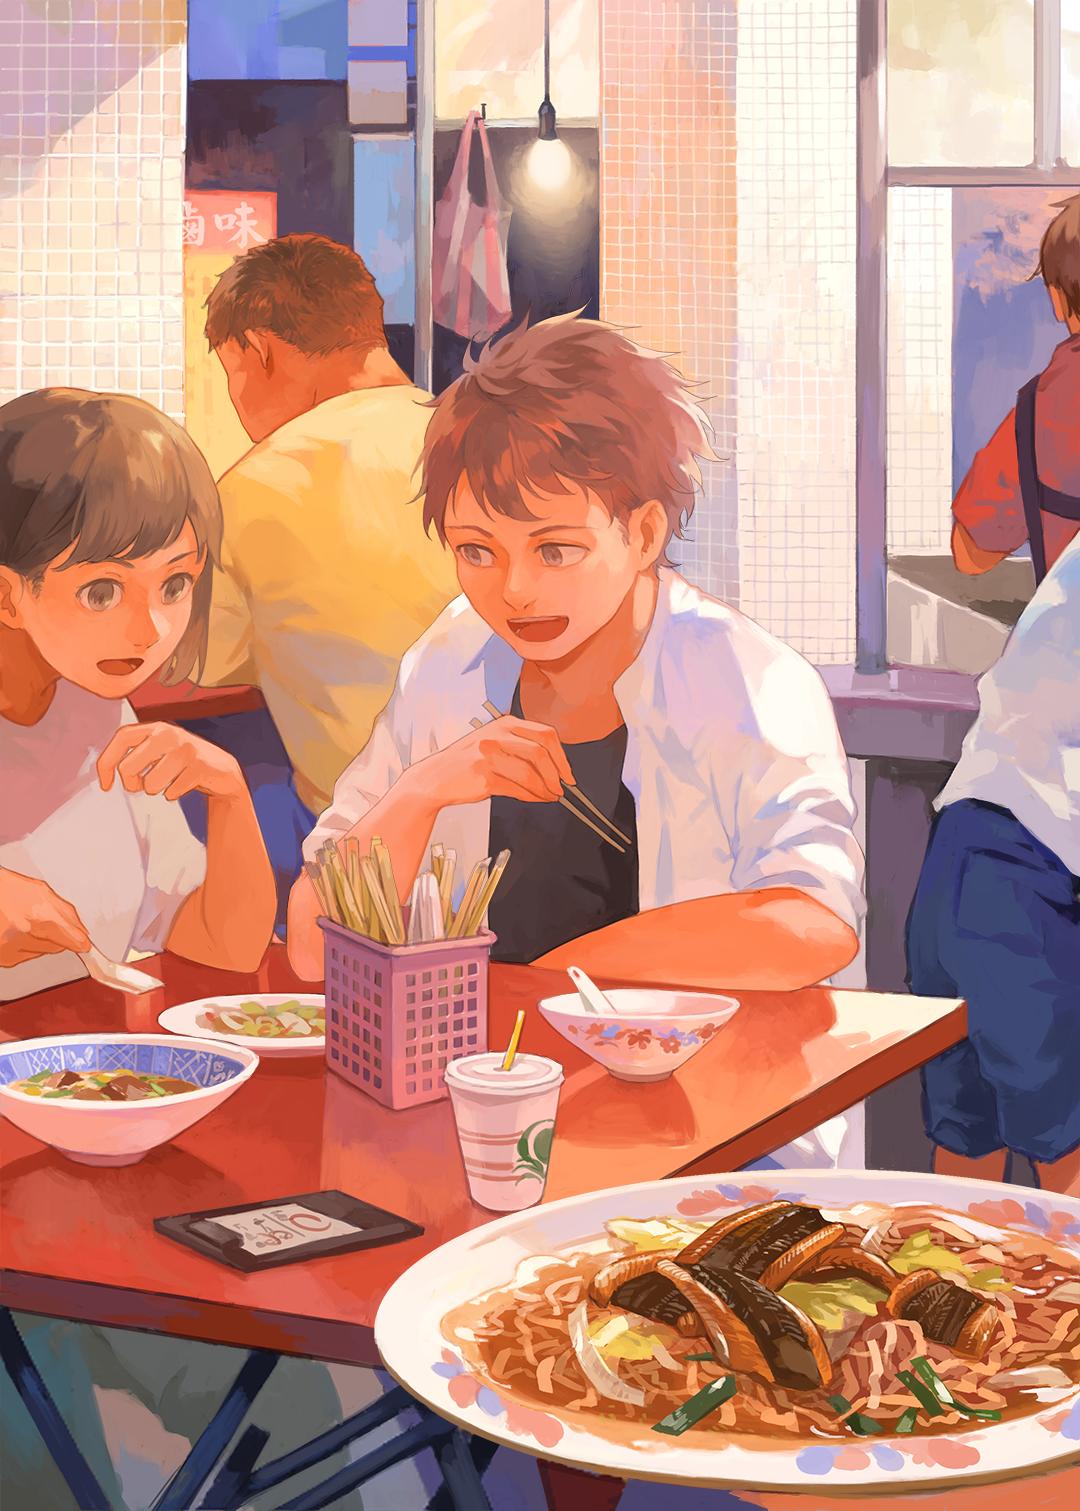 GirlsclubAsia-Artist-Ayakii-TABLE-14-zenyuyimen